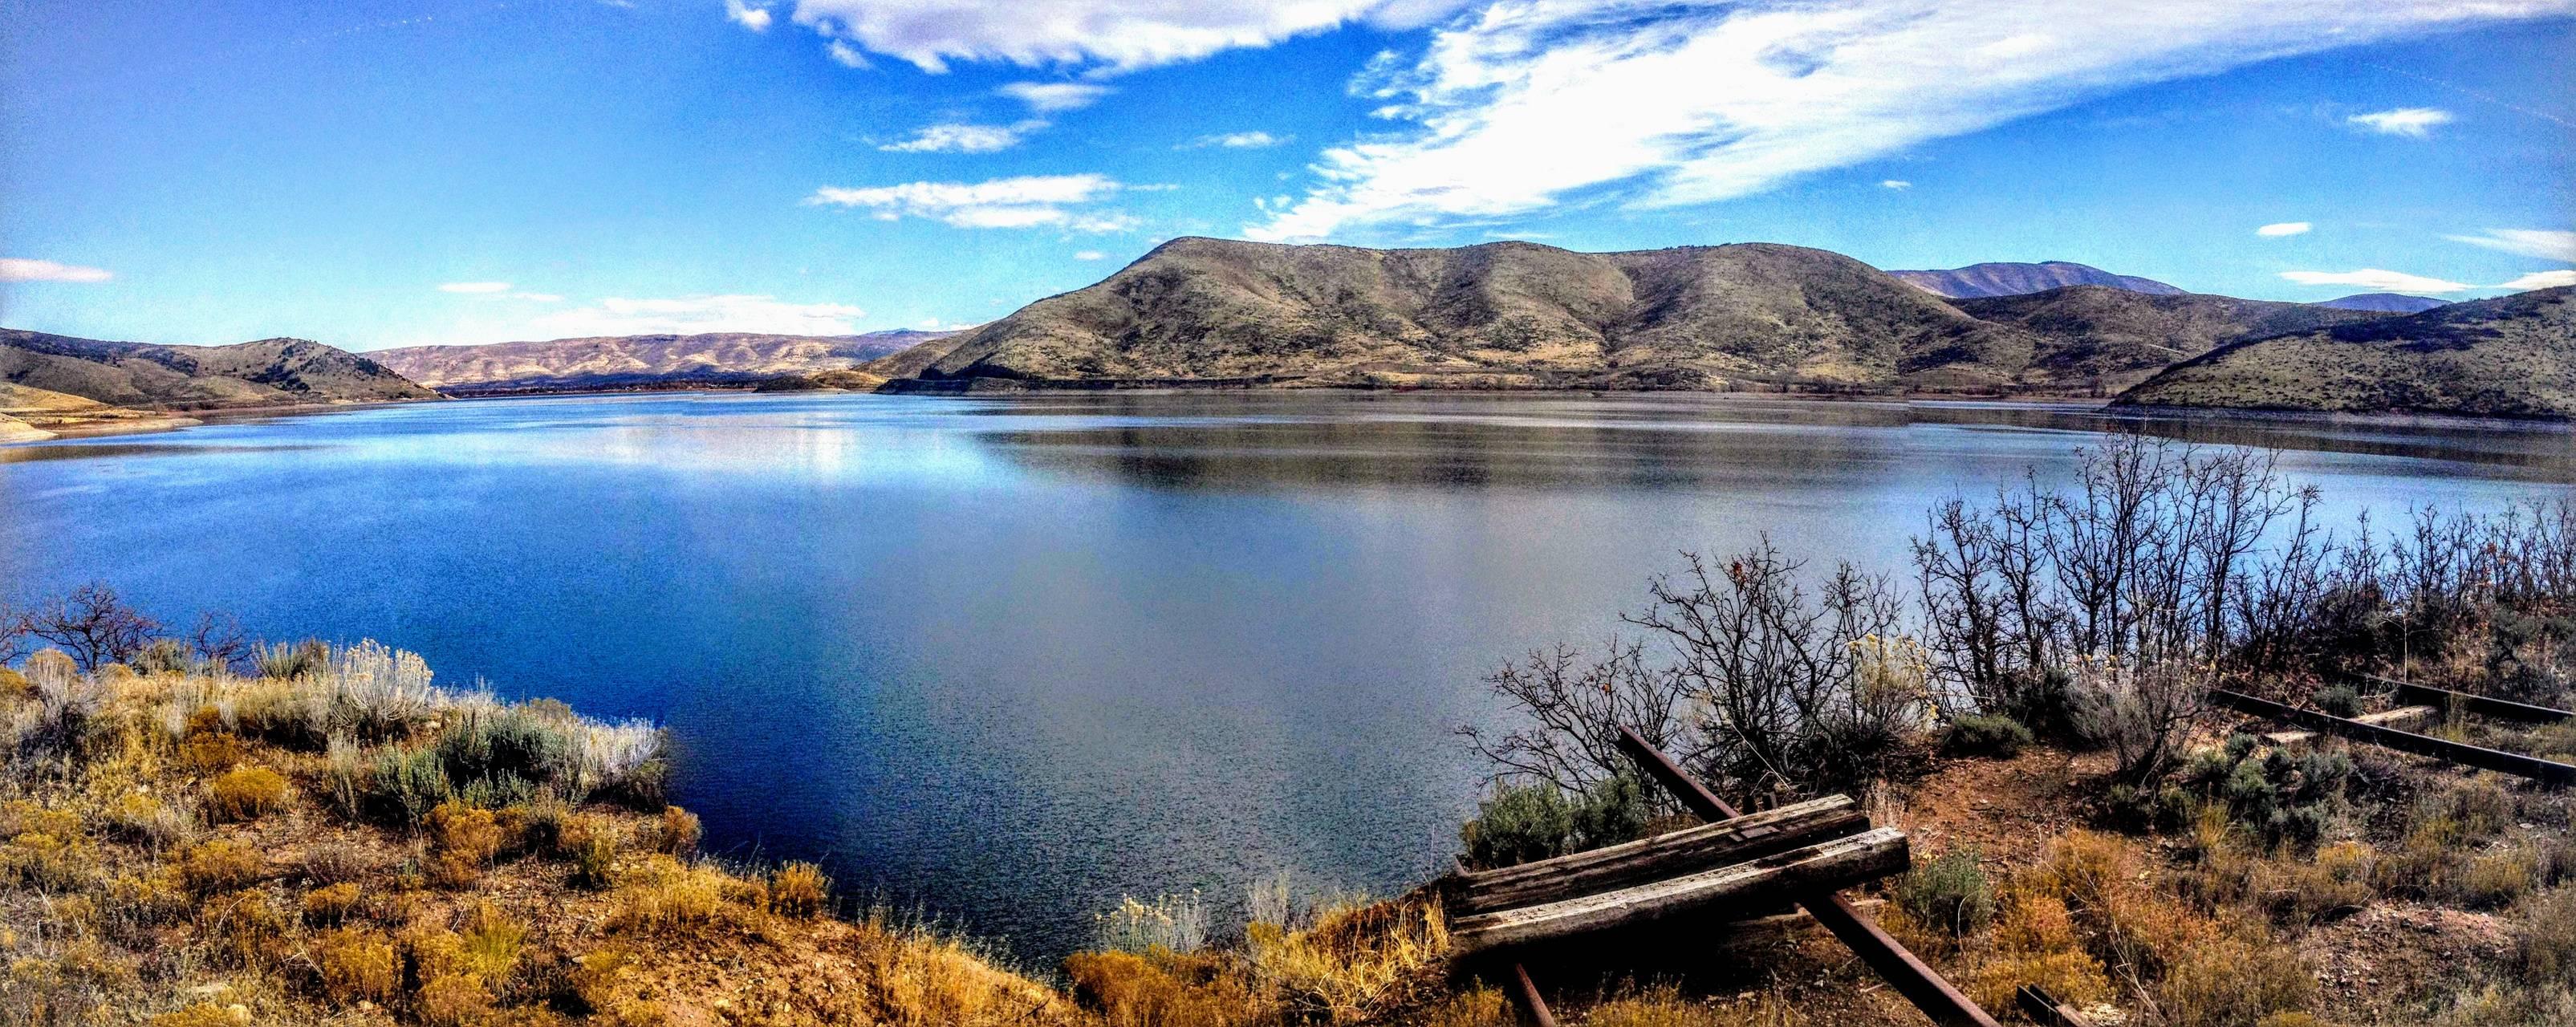 Heber Valley Utah